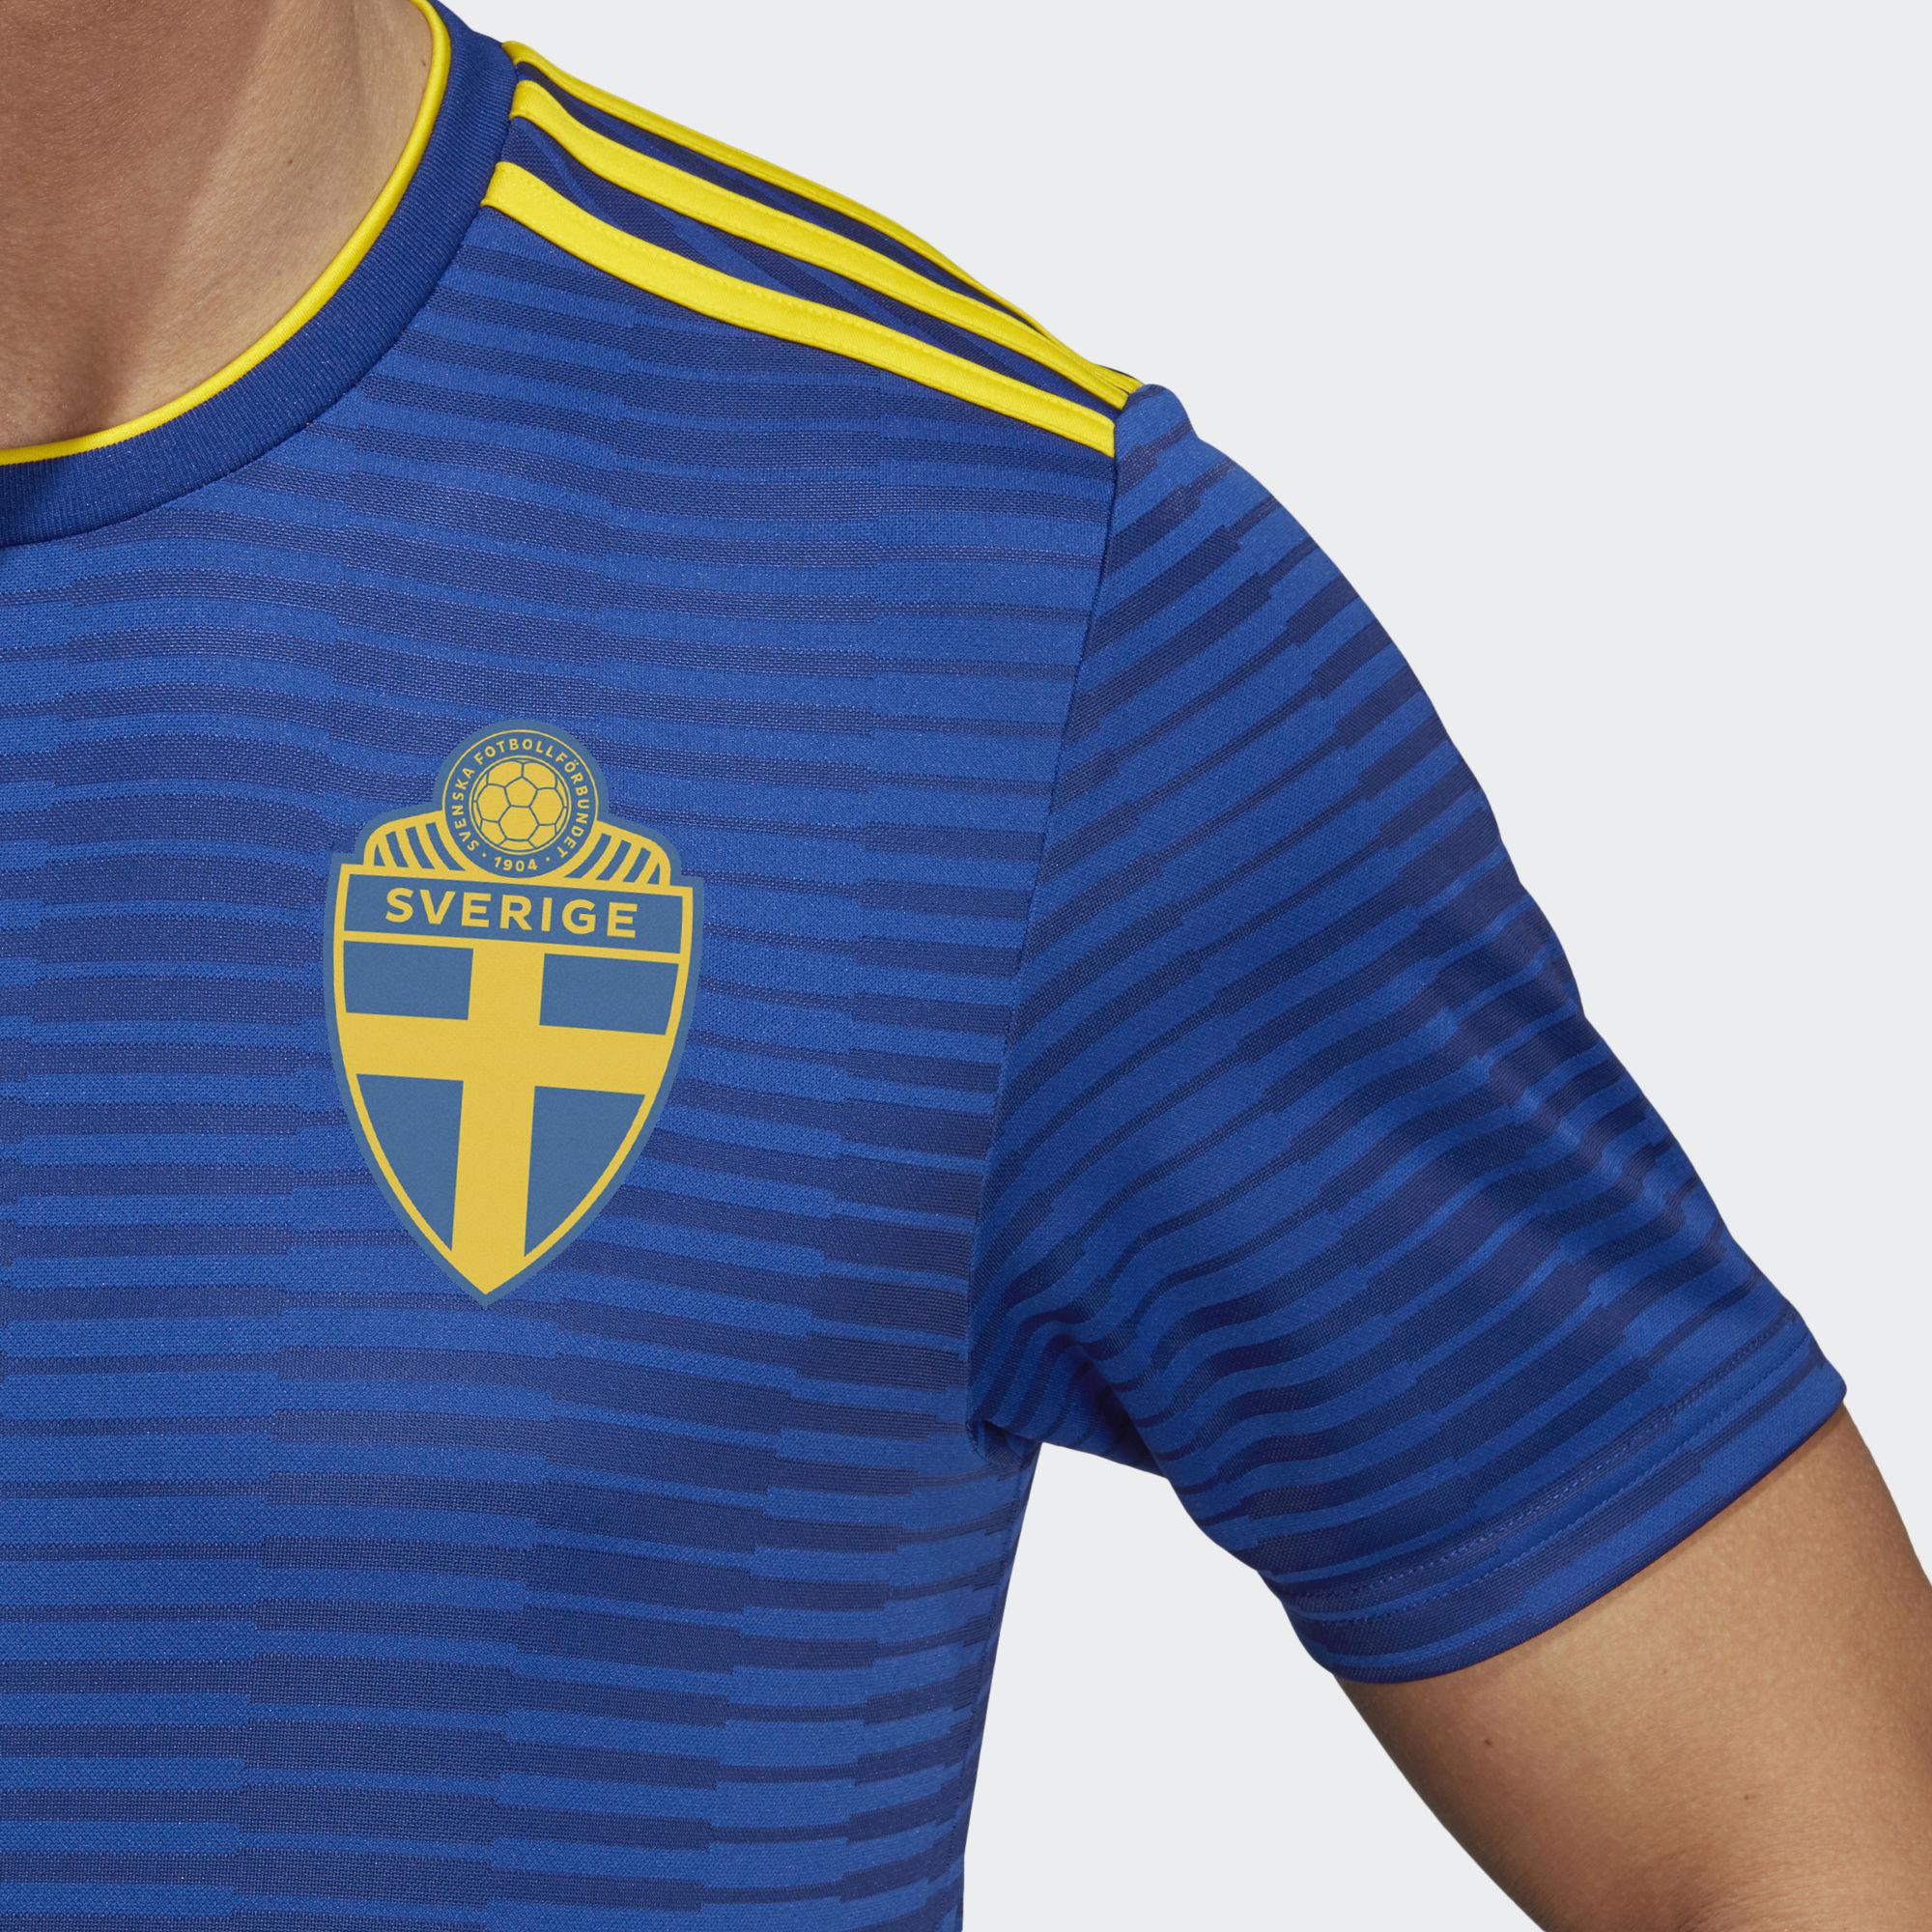 sweden 2018 world cup adidas away kit 17 18 kits. Black Bedroom Furniture Sets. Home Design Ideas